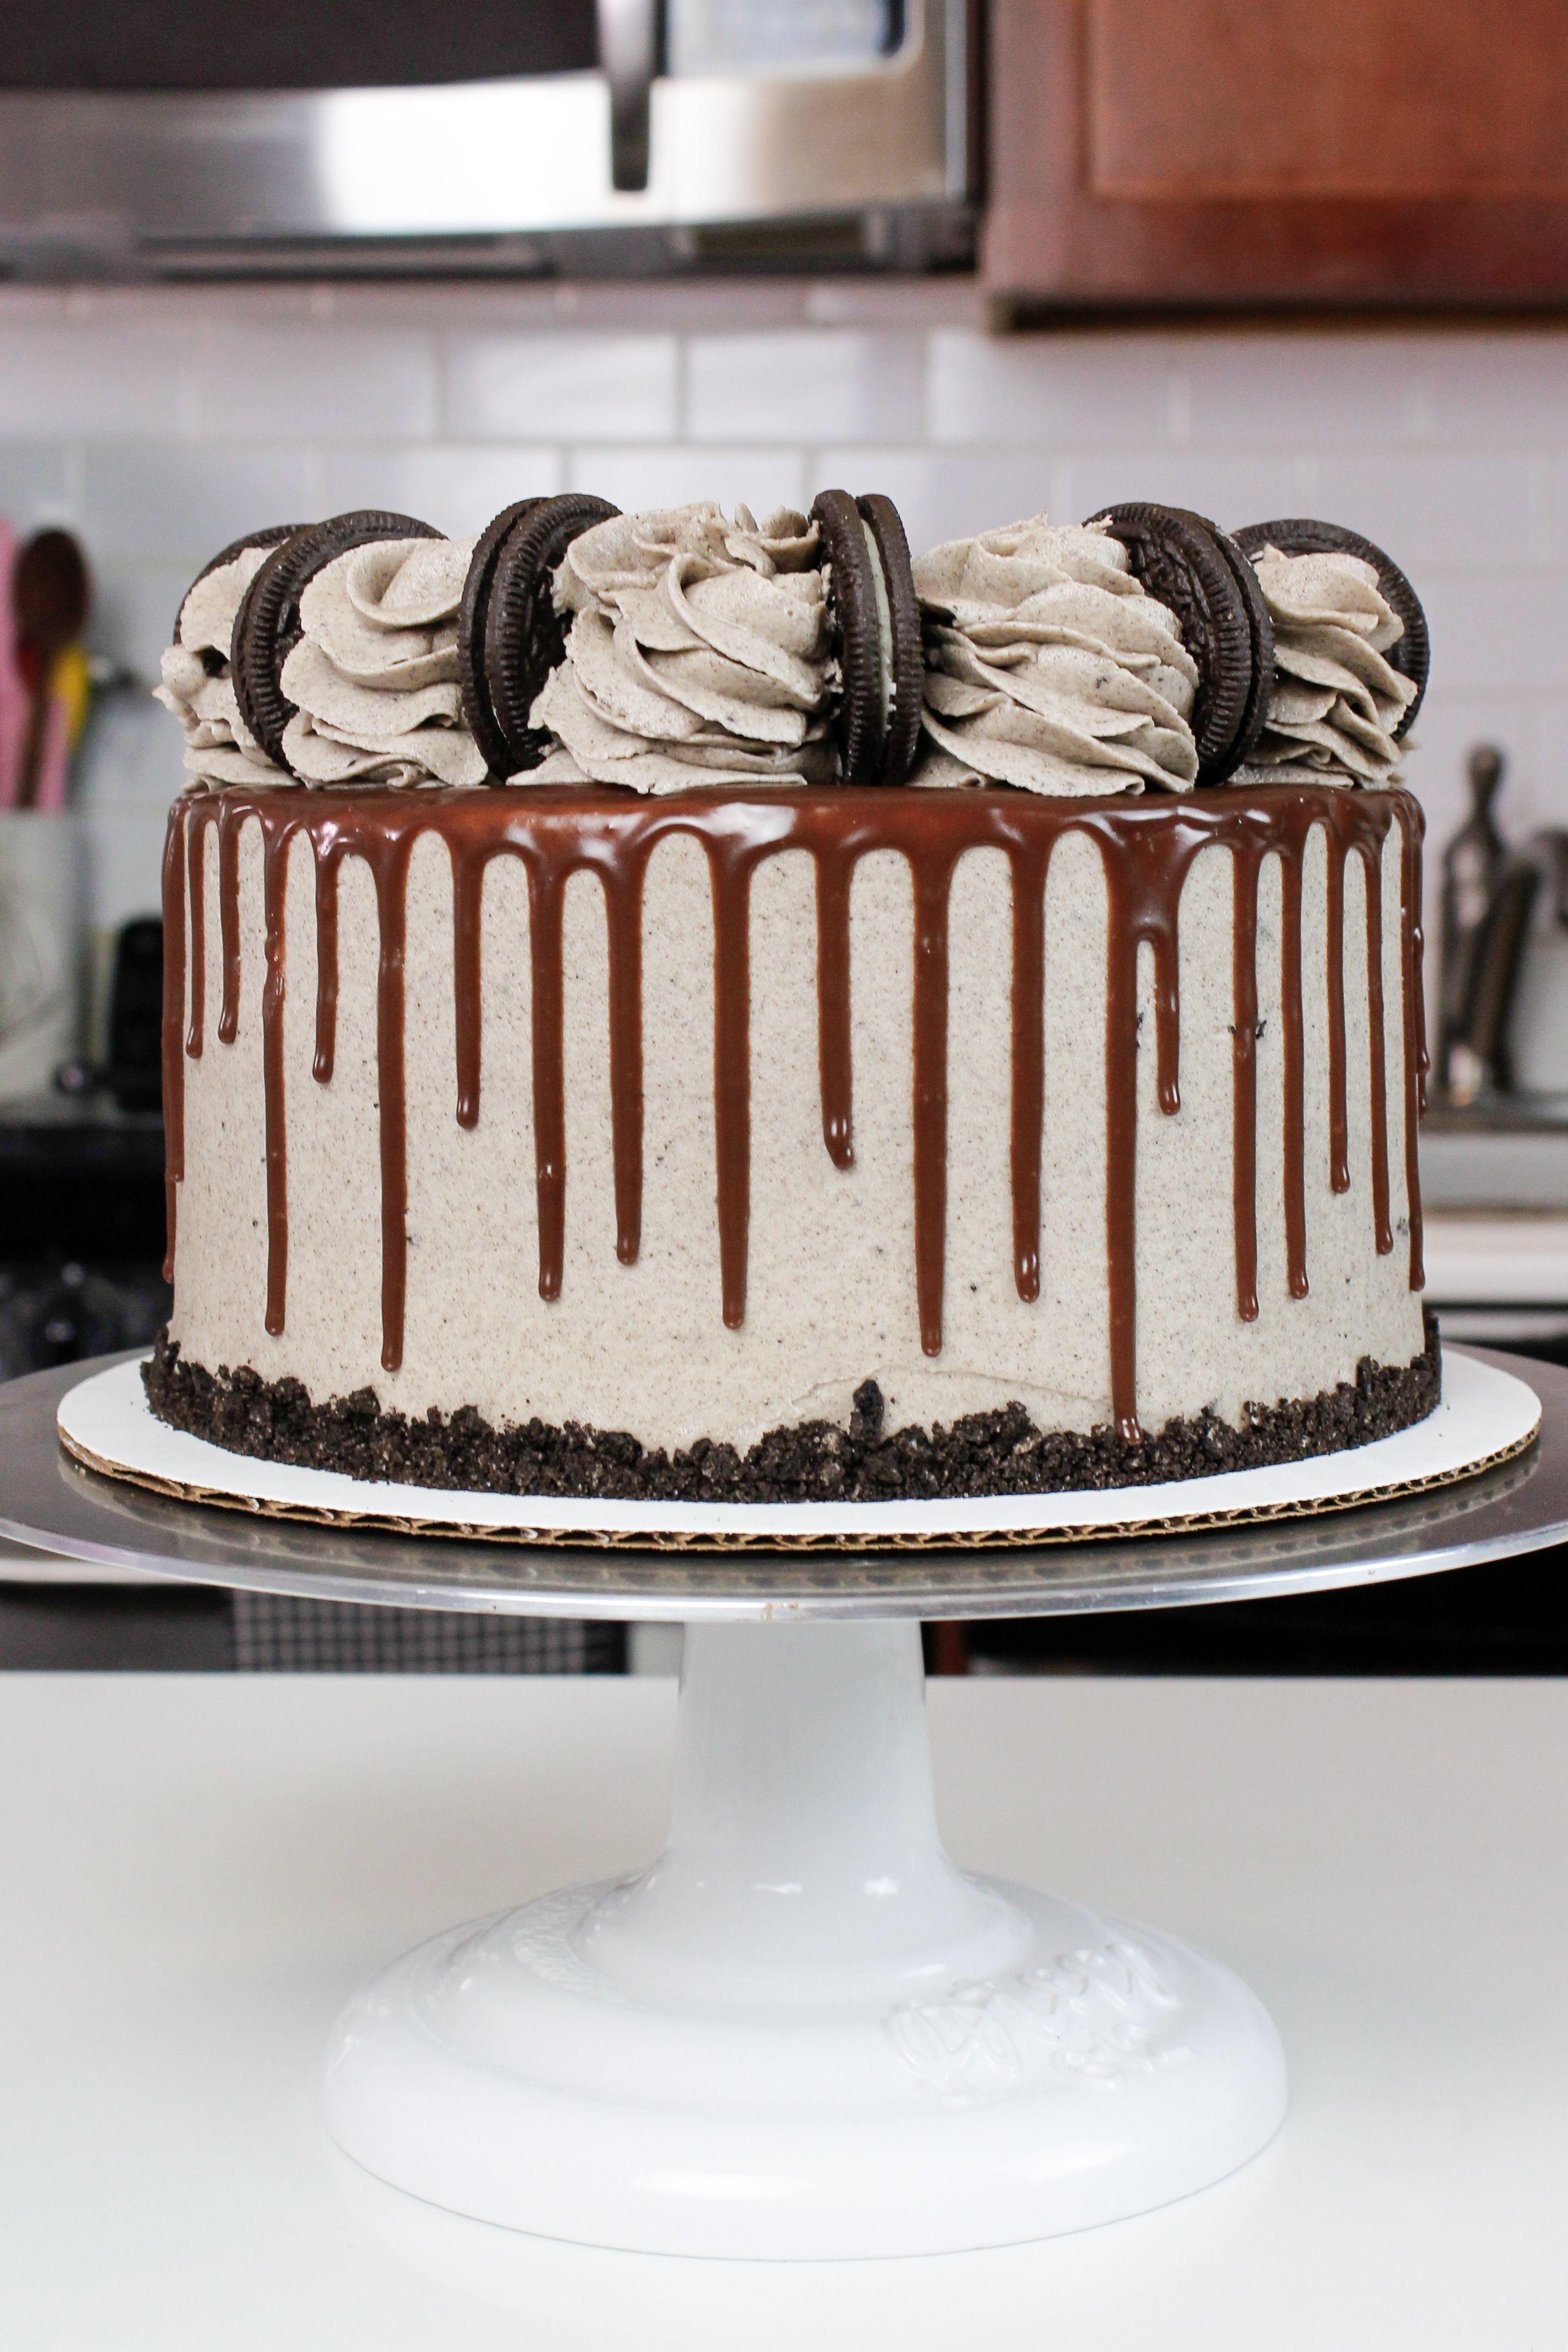 Oreo Drip Cake Recipe Chocolate Cake With Oreo Frosting Recipe Drip Cake Recipes Oreo Frosting Oreo Cake Recipes